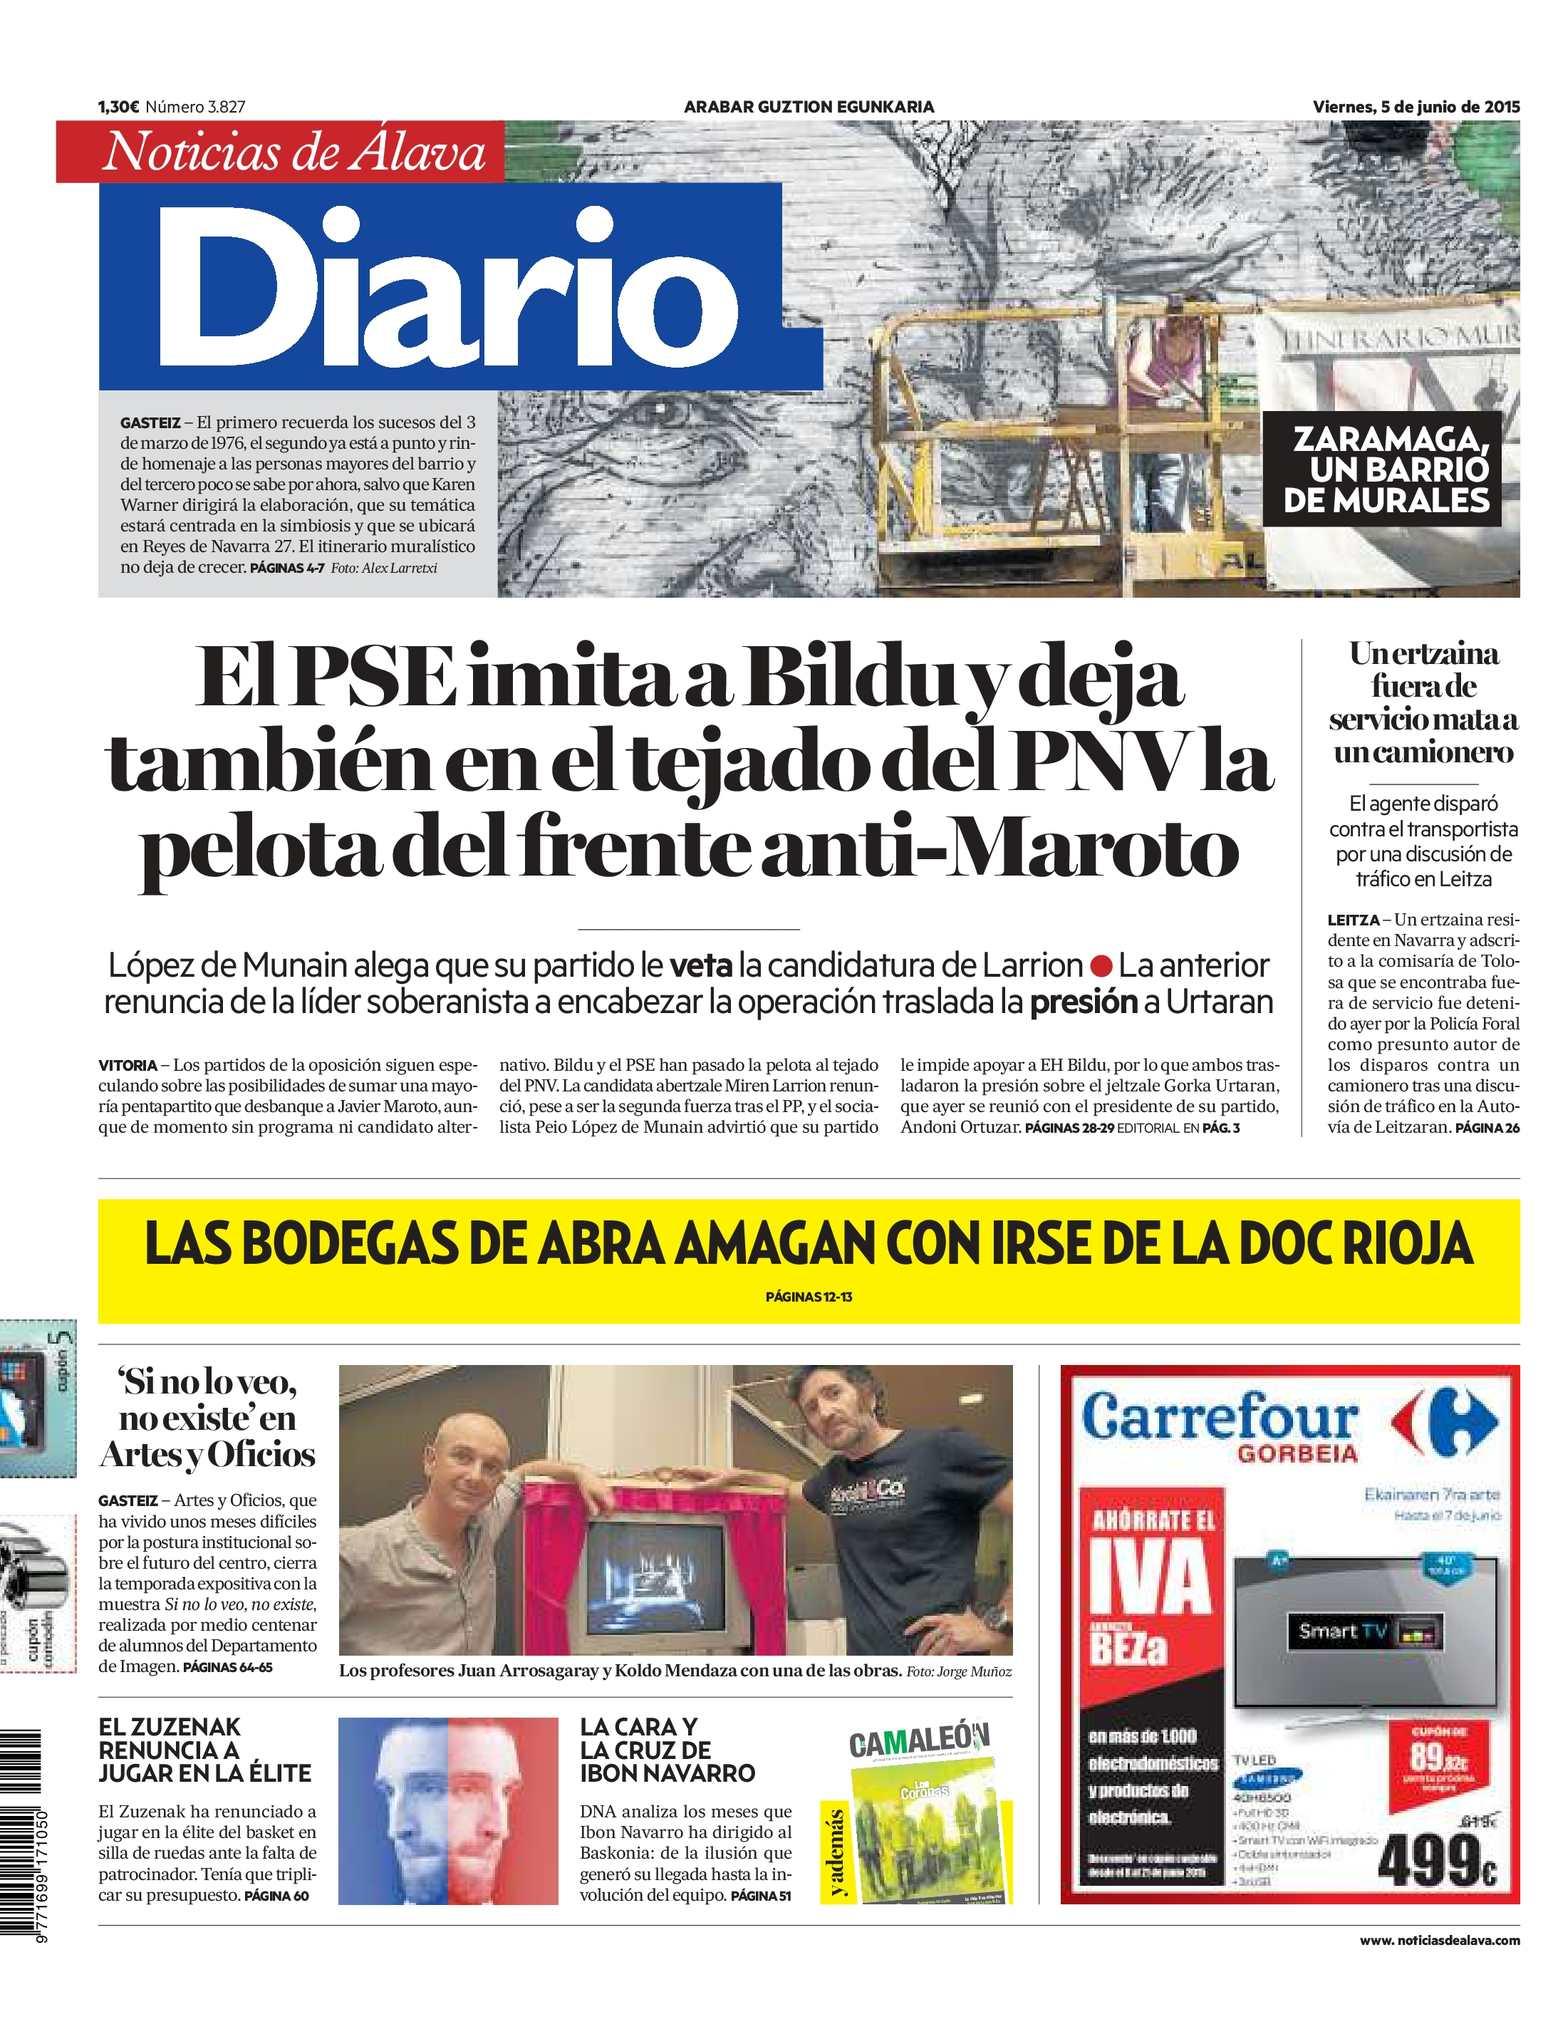 Diario 20150605 Noticias Álava Calaméo De 0wPknO